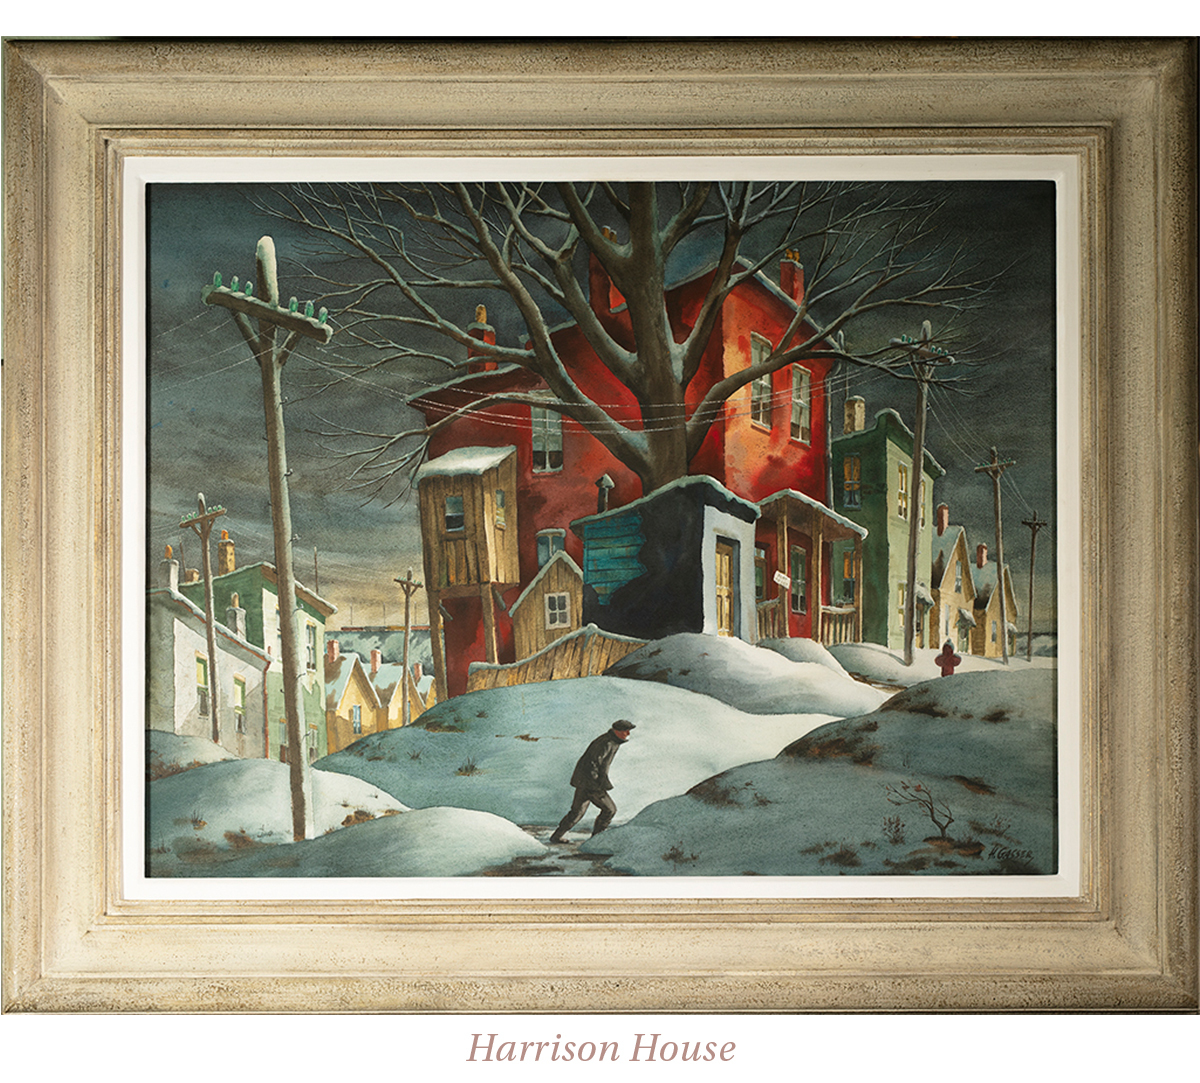 Henry Martin Gasser, Harrison House